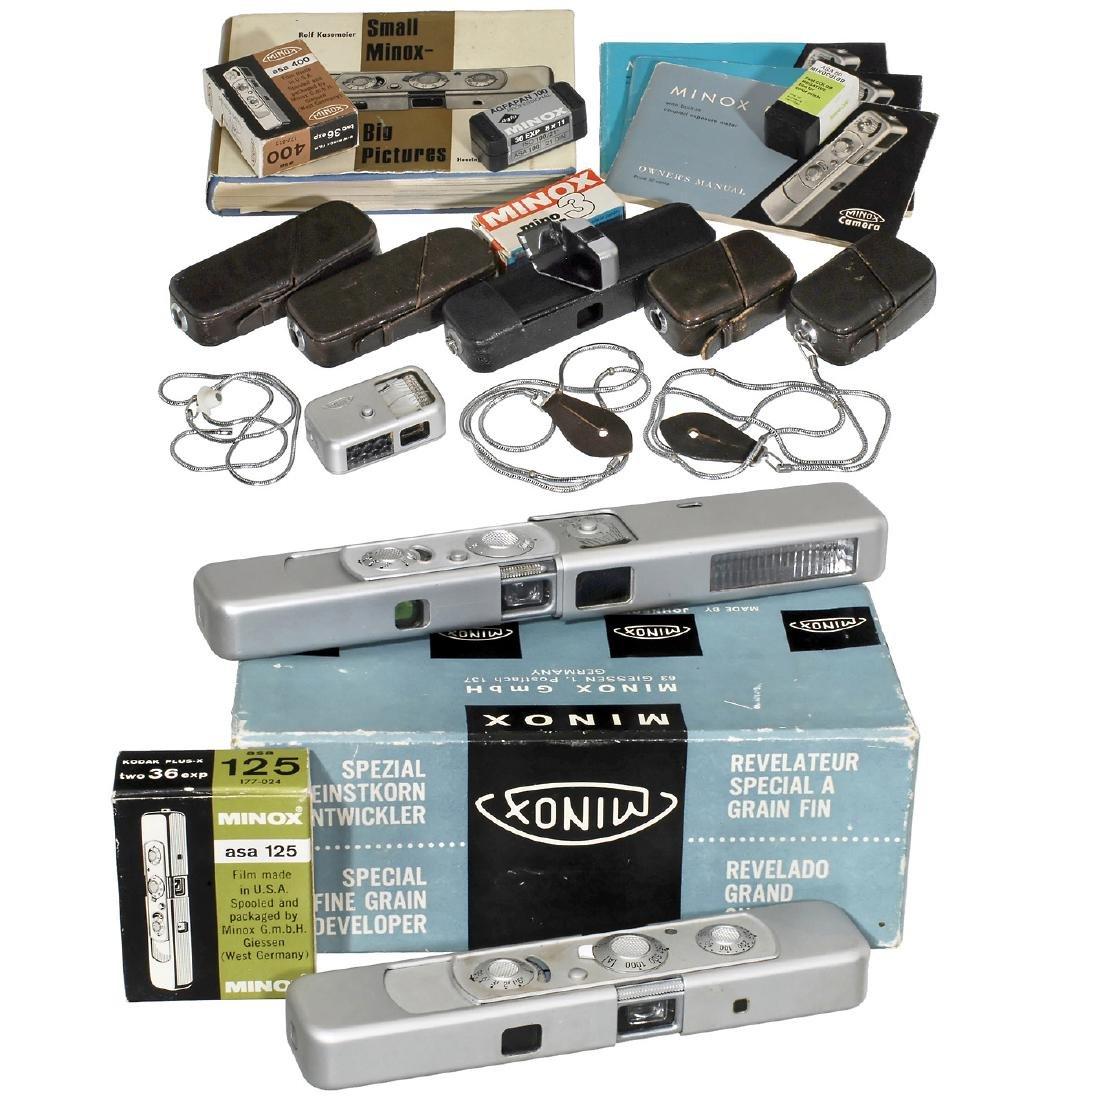 Minox B, Minox C and many Accessories